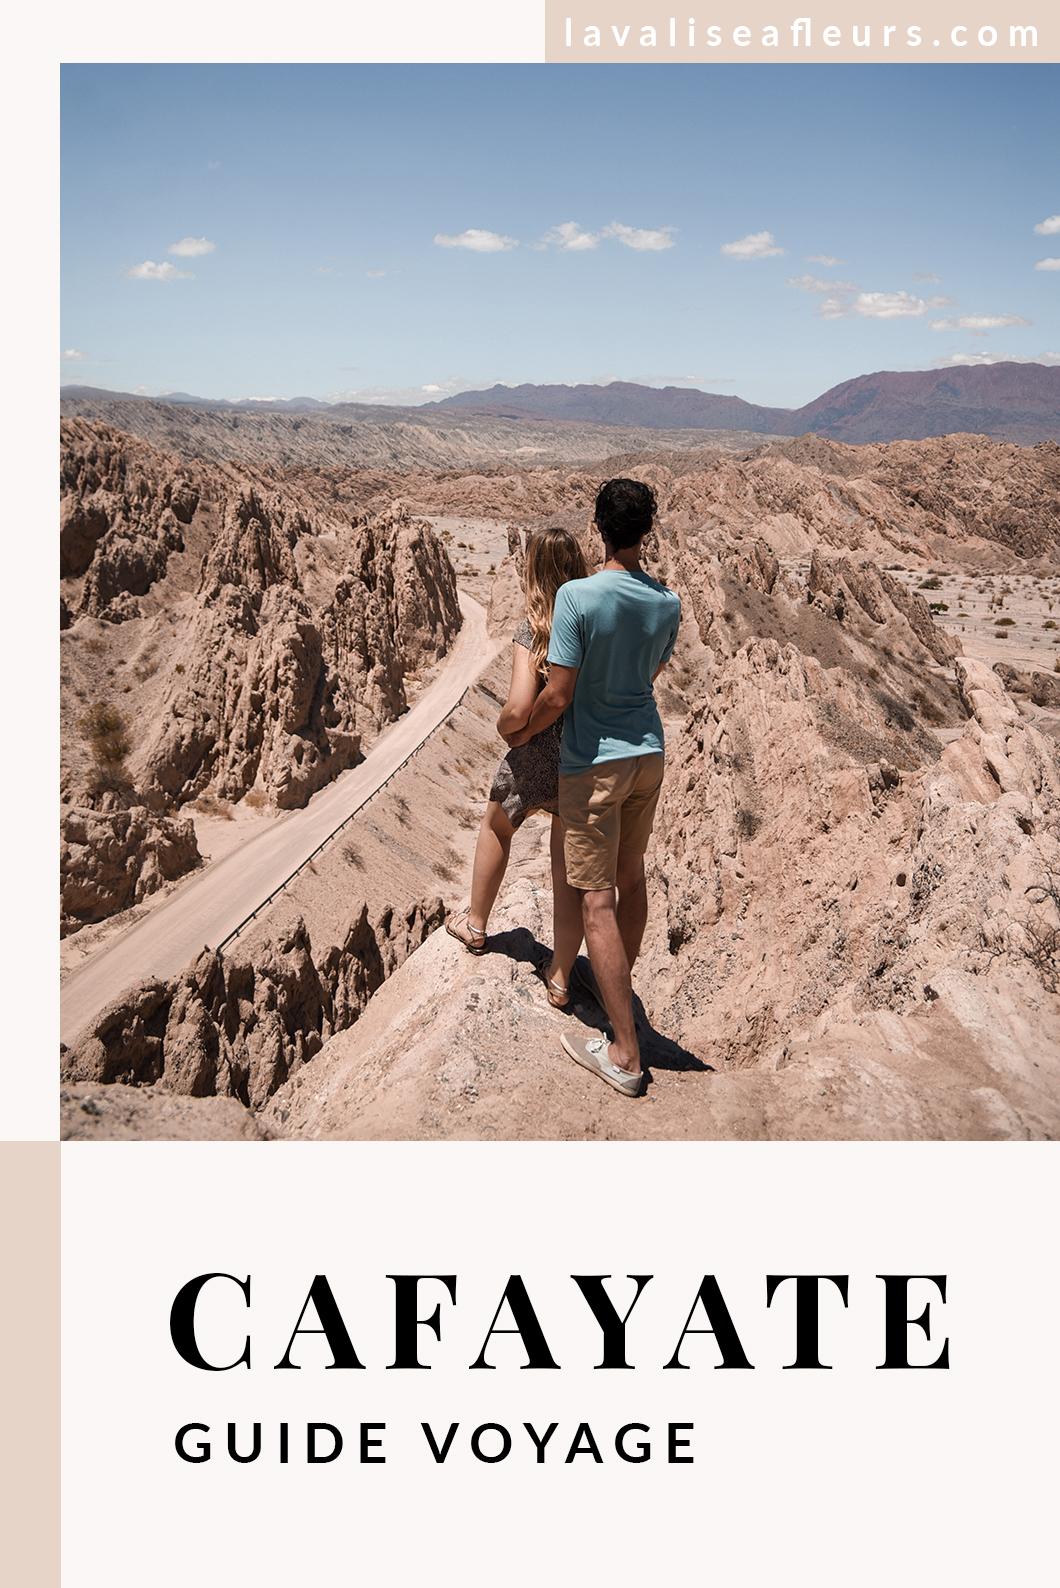 Guide voyage de Cafayate